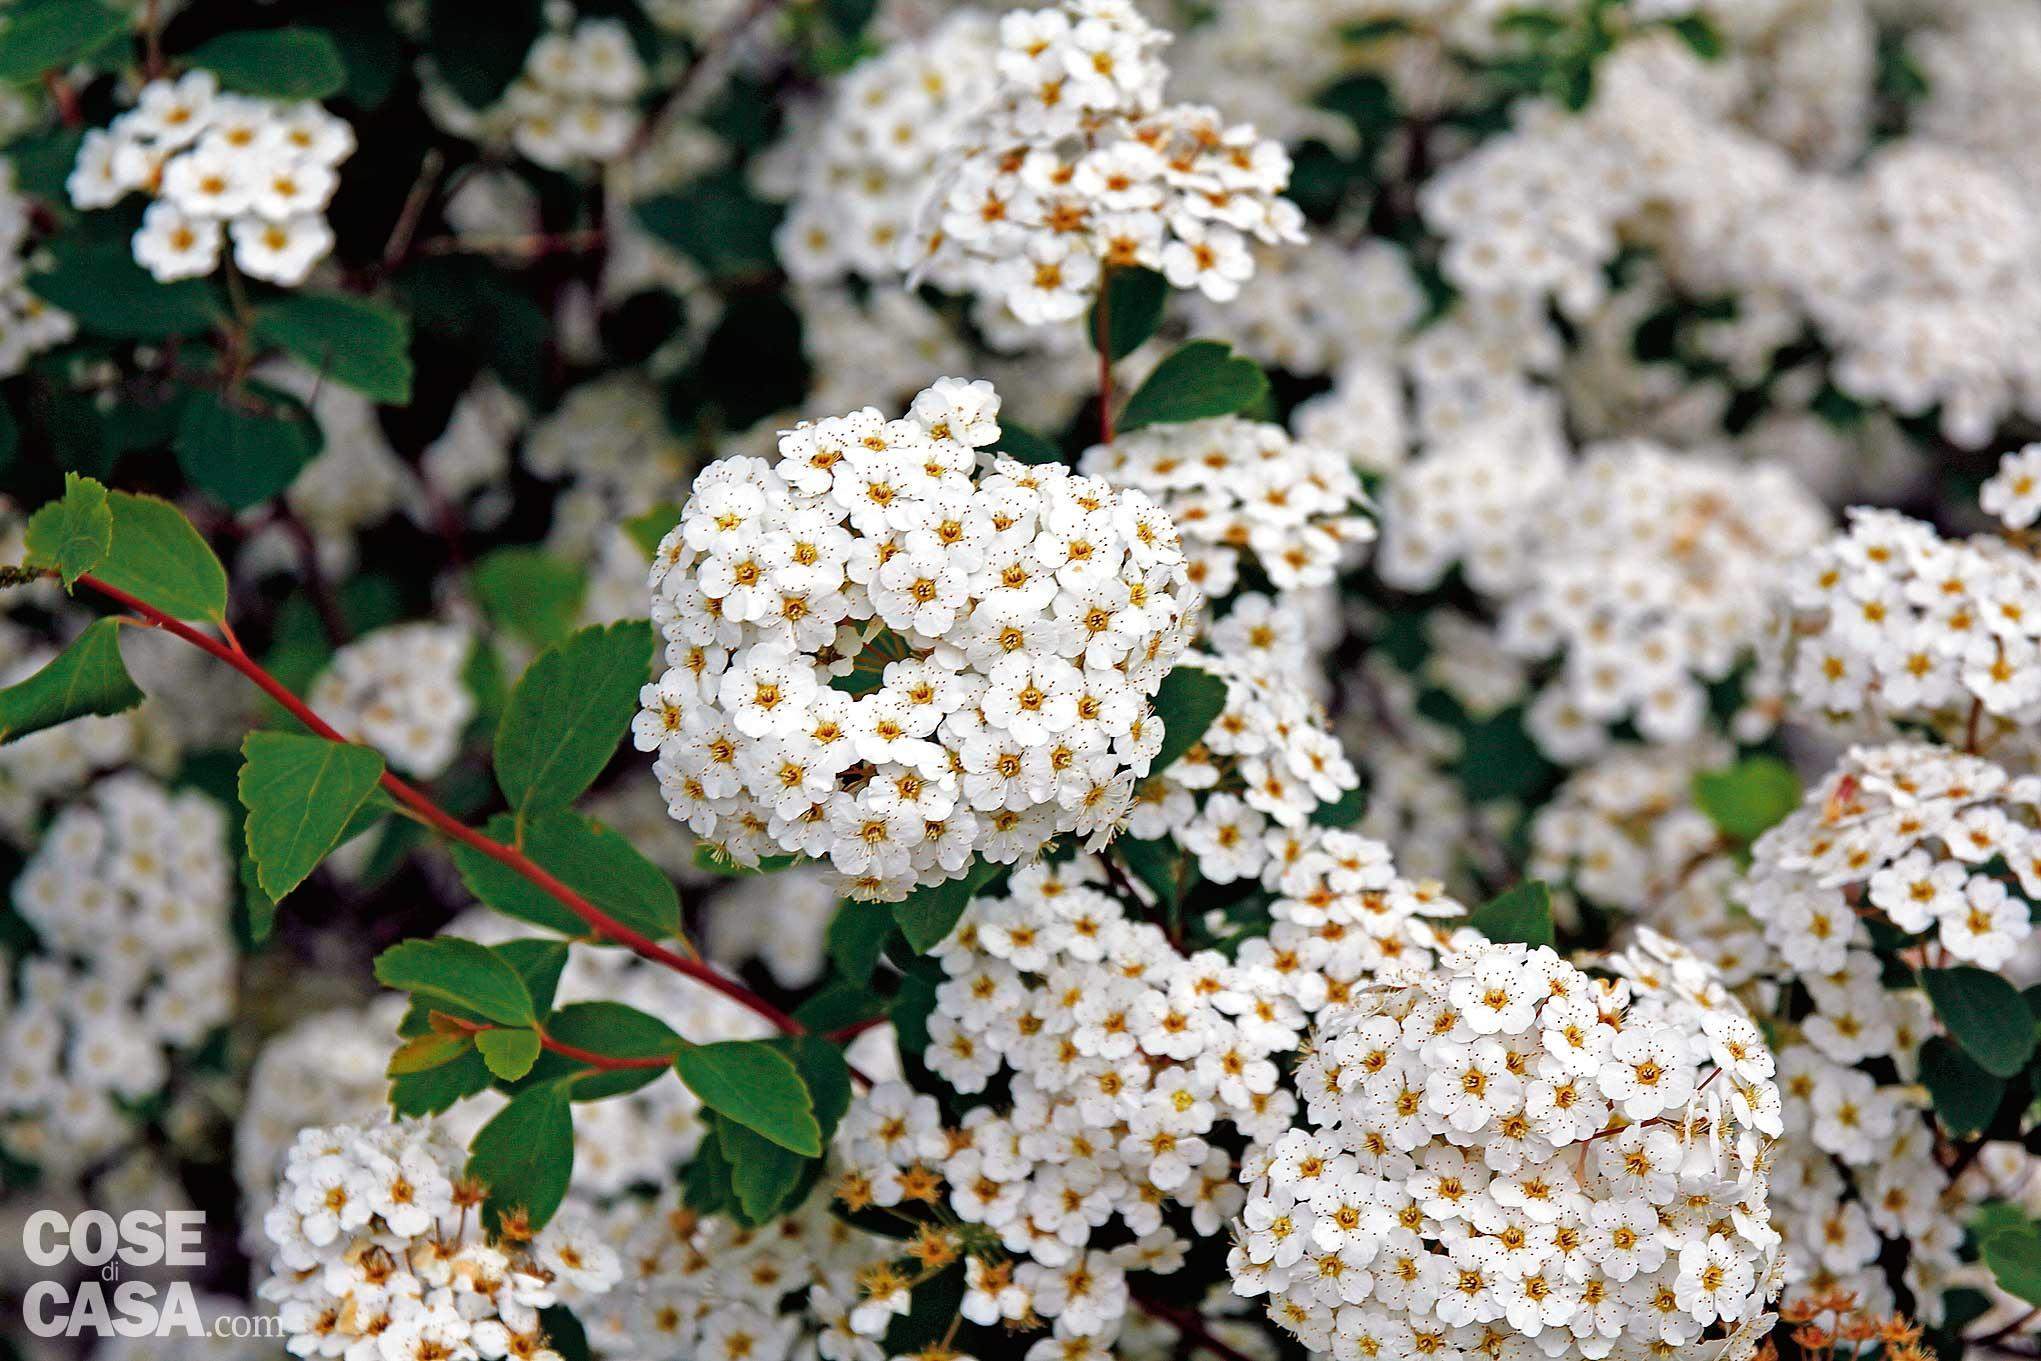 Cespugli Sempreverdi Con Fiori la siepe fiorita tutto l'anno - cose di casa